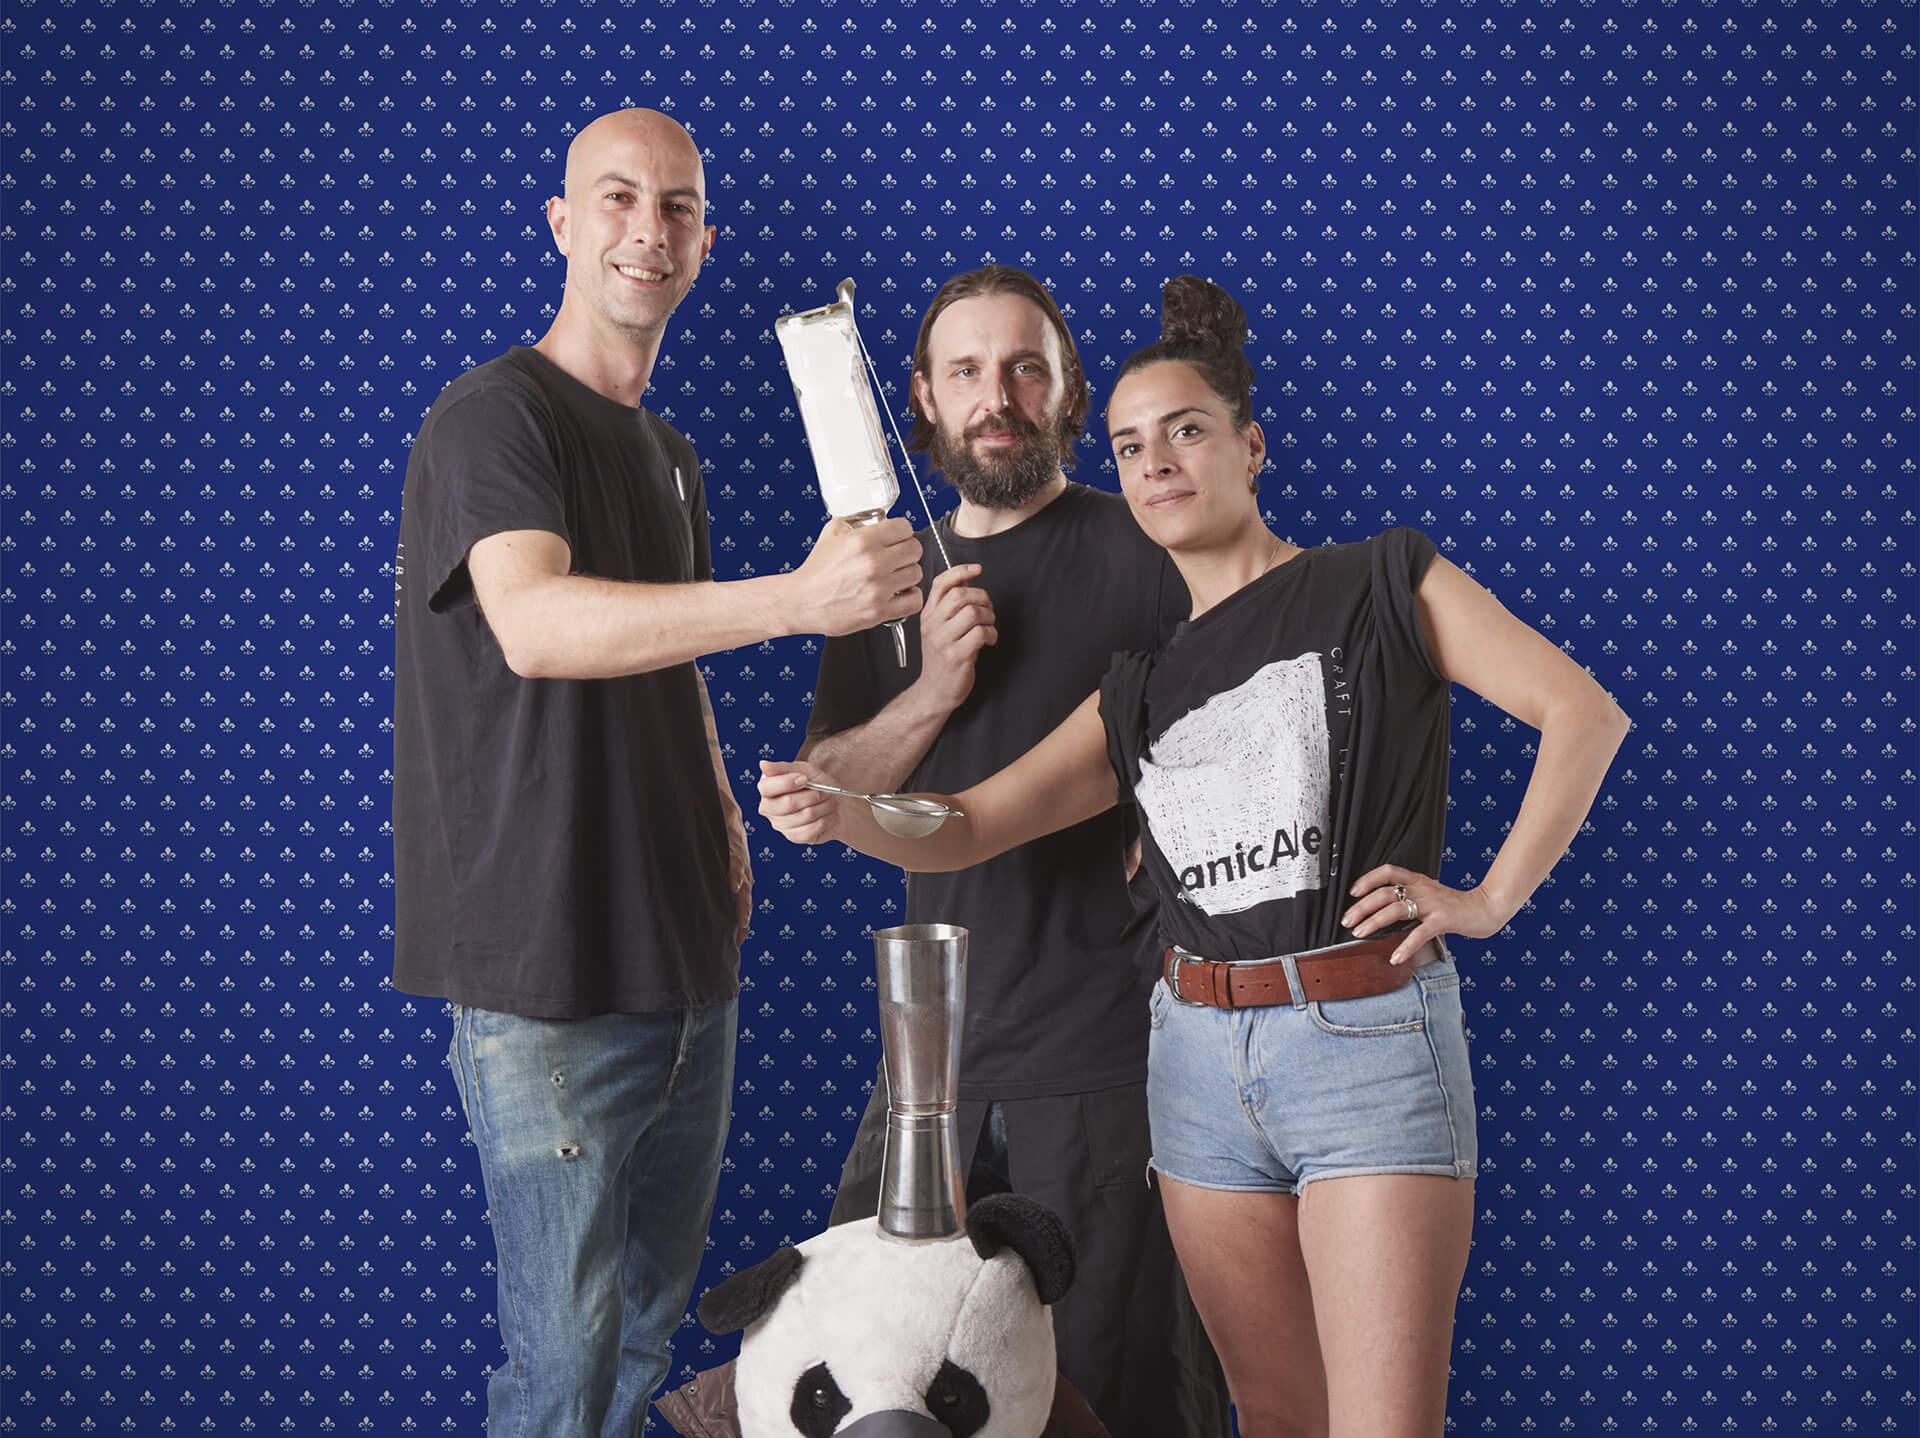 Michel Granpasso Orlando, Valerio Cecchetelli e Arianna Corsetti - PanicAle